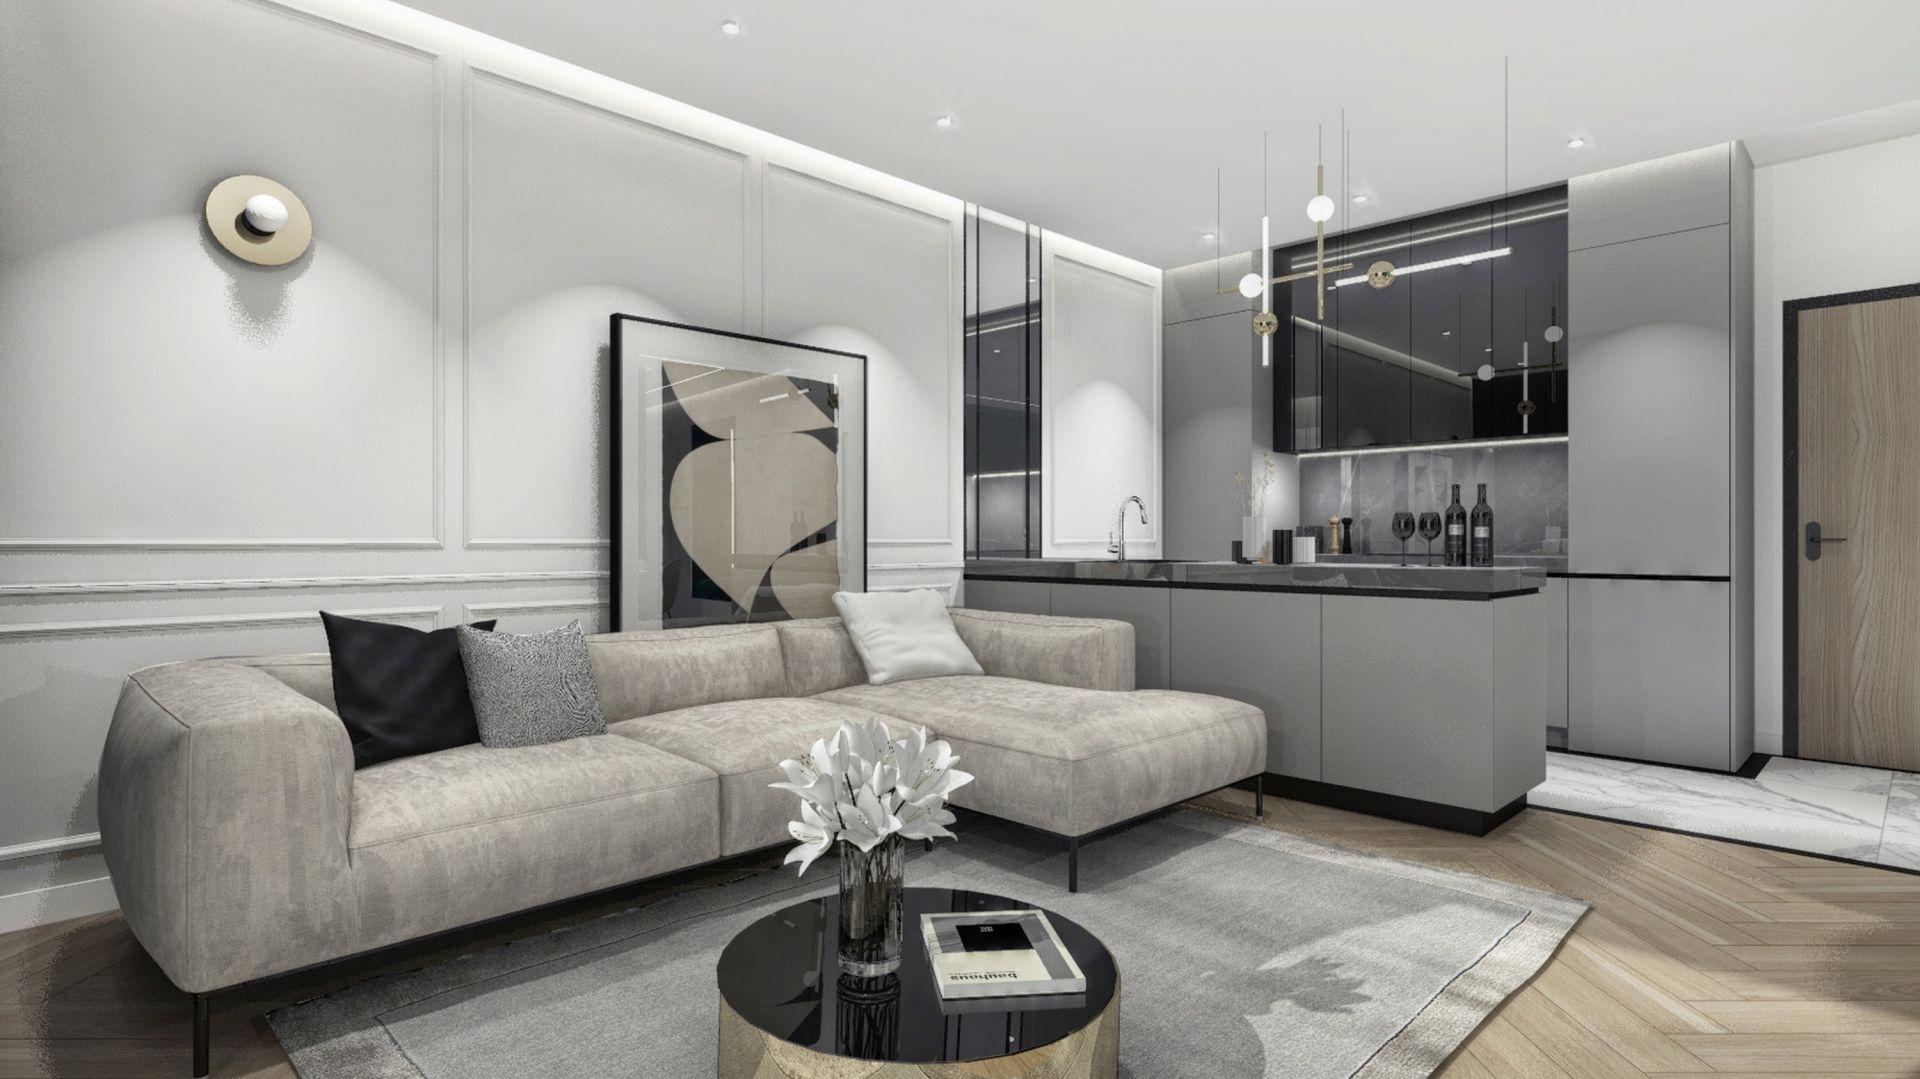 Duży metraż daje możliwość ciekawej aranżacji łazienki, kuchni, salonu czy sypialni, a ponadto pozwala na zaprojektowanie np. przestronnej garderoby czy własnego biura. Fot. Mieszkanie Żoliborz MOOVIN